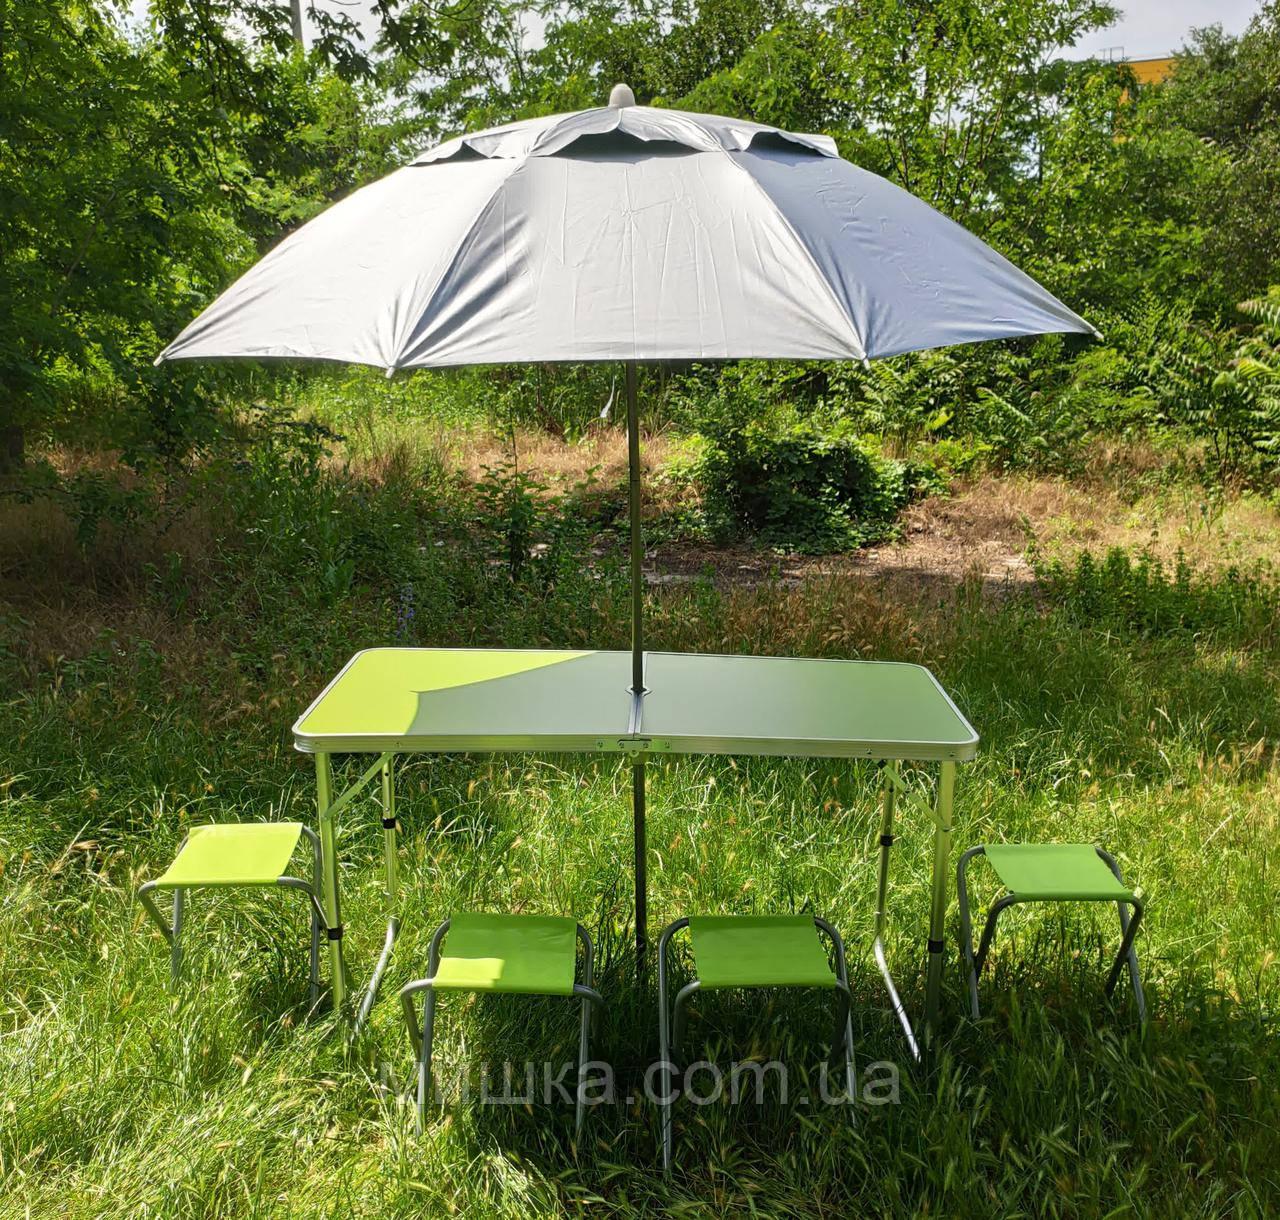 Зручний розкладний стіл для пікніка та 4 стільця, салатовий + компактний міцний парасолька 1,6 м у ПОДАРУНОК!